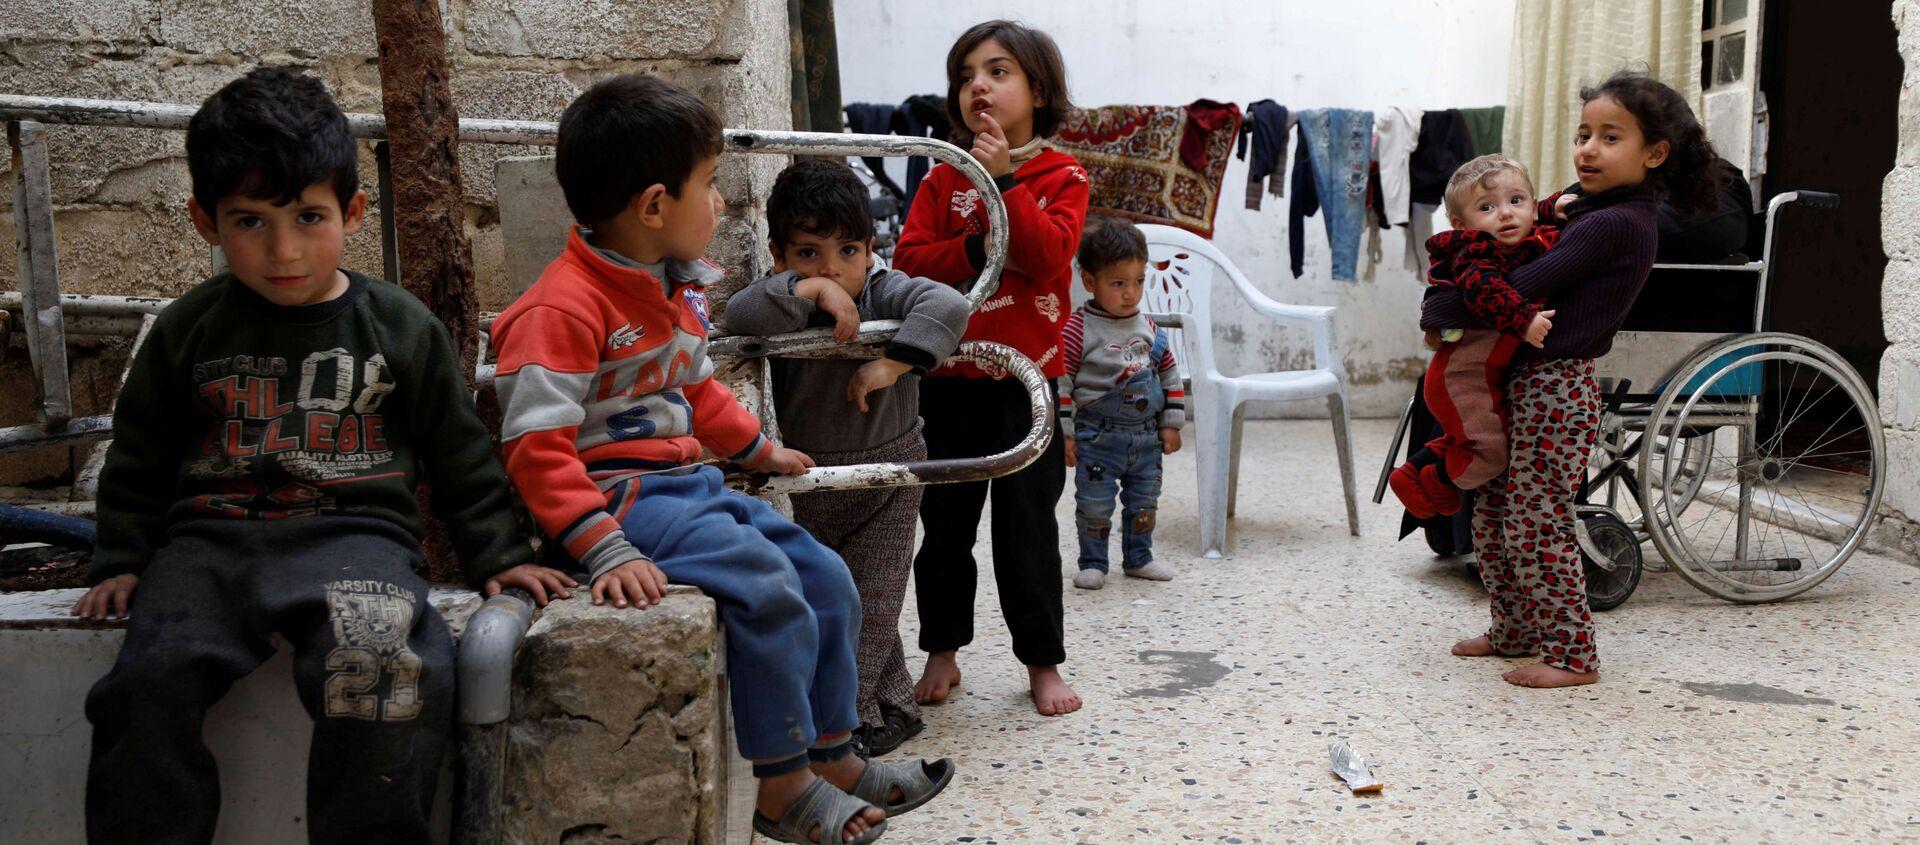 Syryjskie dzieci w Dumie, przedmieścia Damaszku, Syria - Sputnik Polska, 1920, 29.05.2021